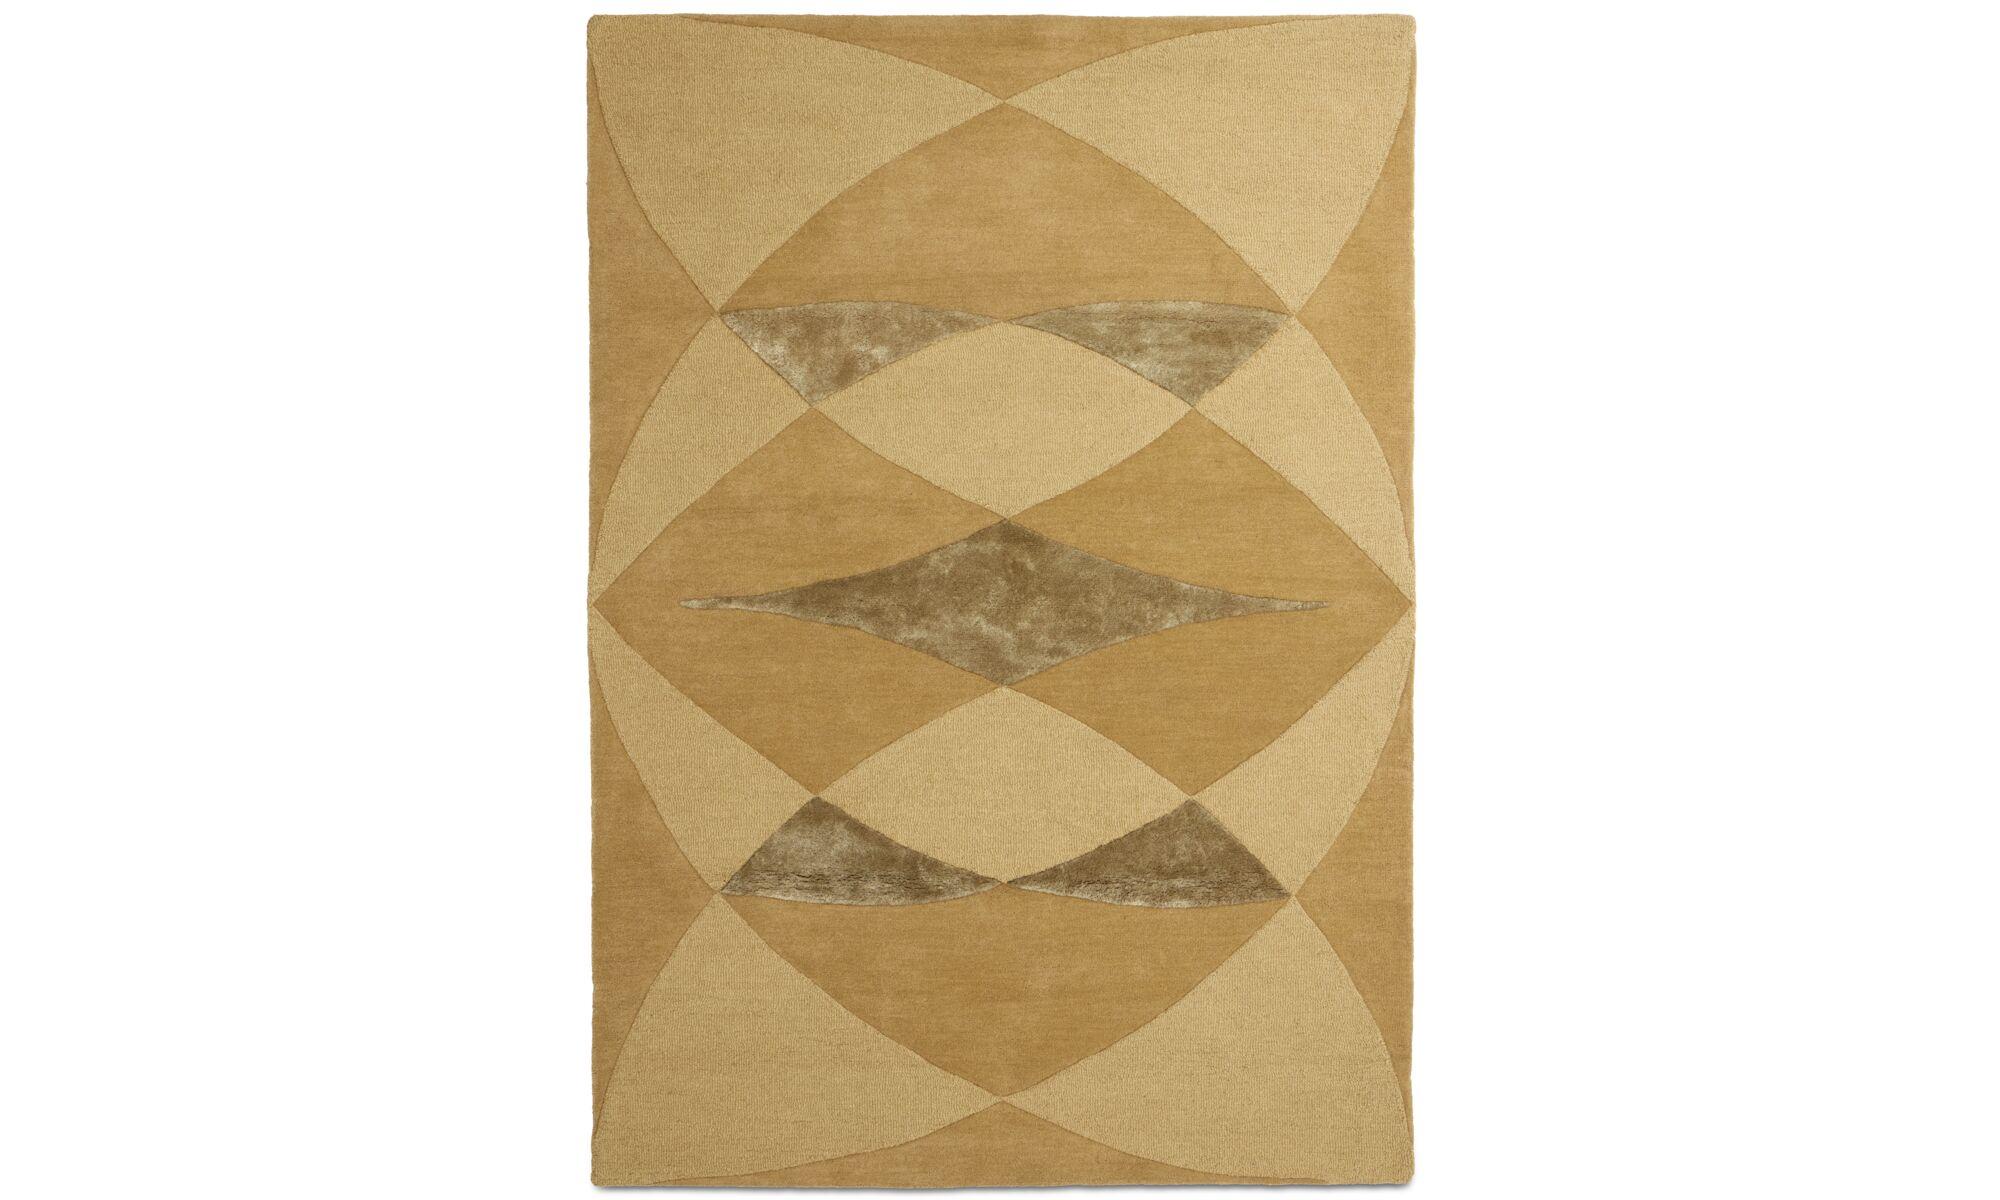 Teppiche - Unison Teppich - rechteckig - Gelb - Wolle